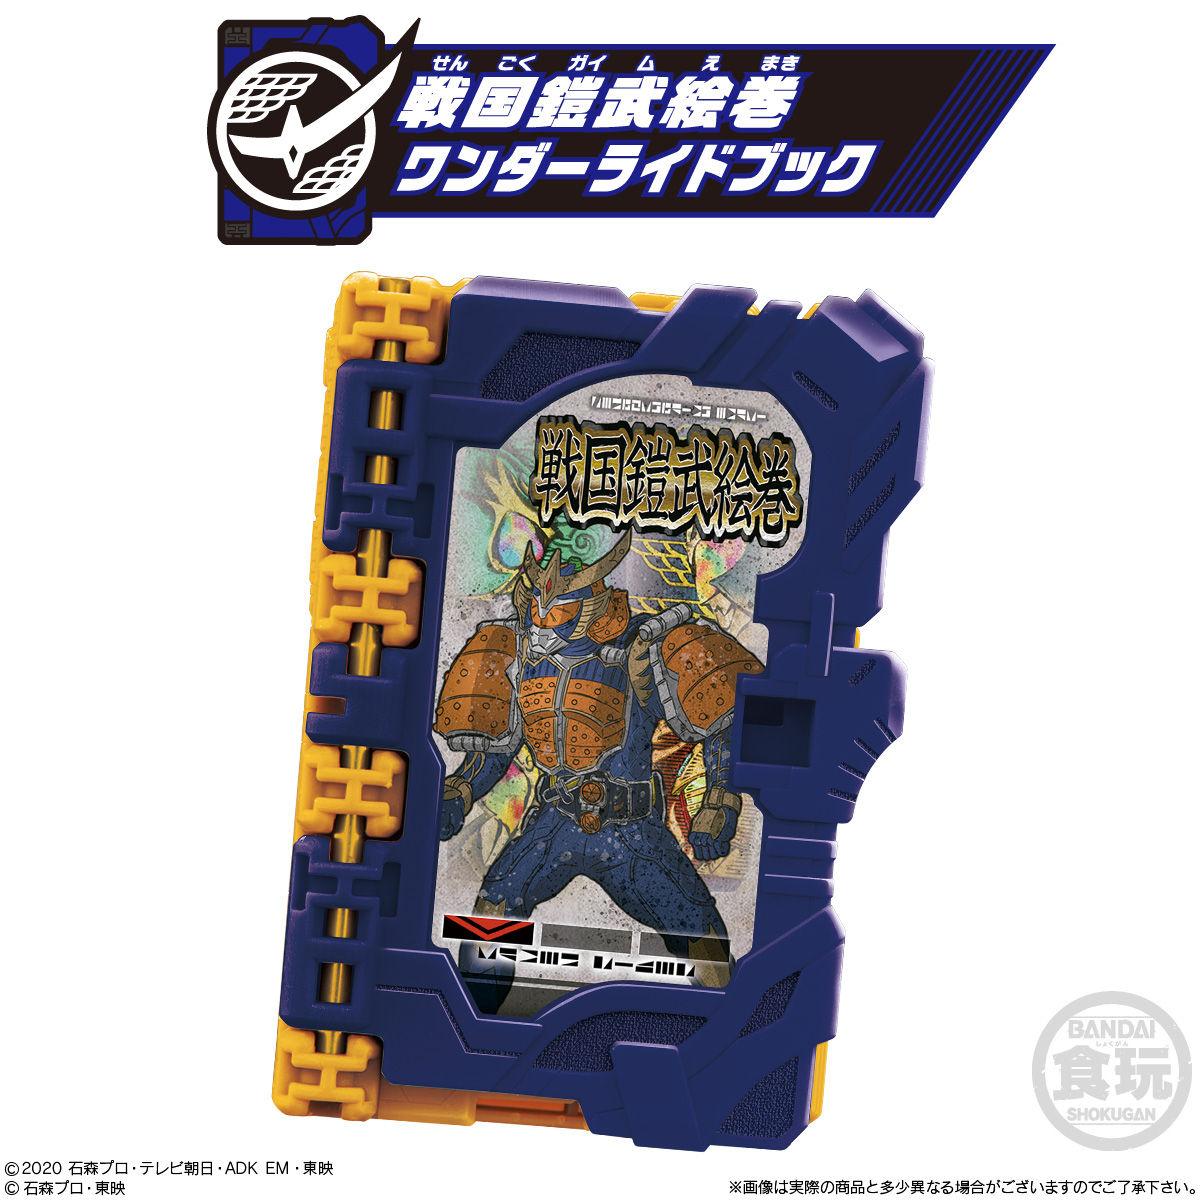 【食玩】仮面ライダーセイバー『コレクタブルワンダーライドブック SG06』8個入りBOX-006